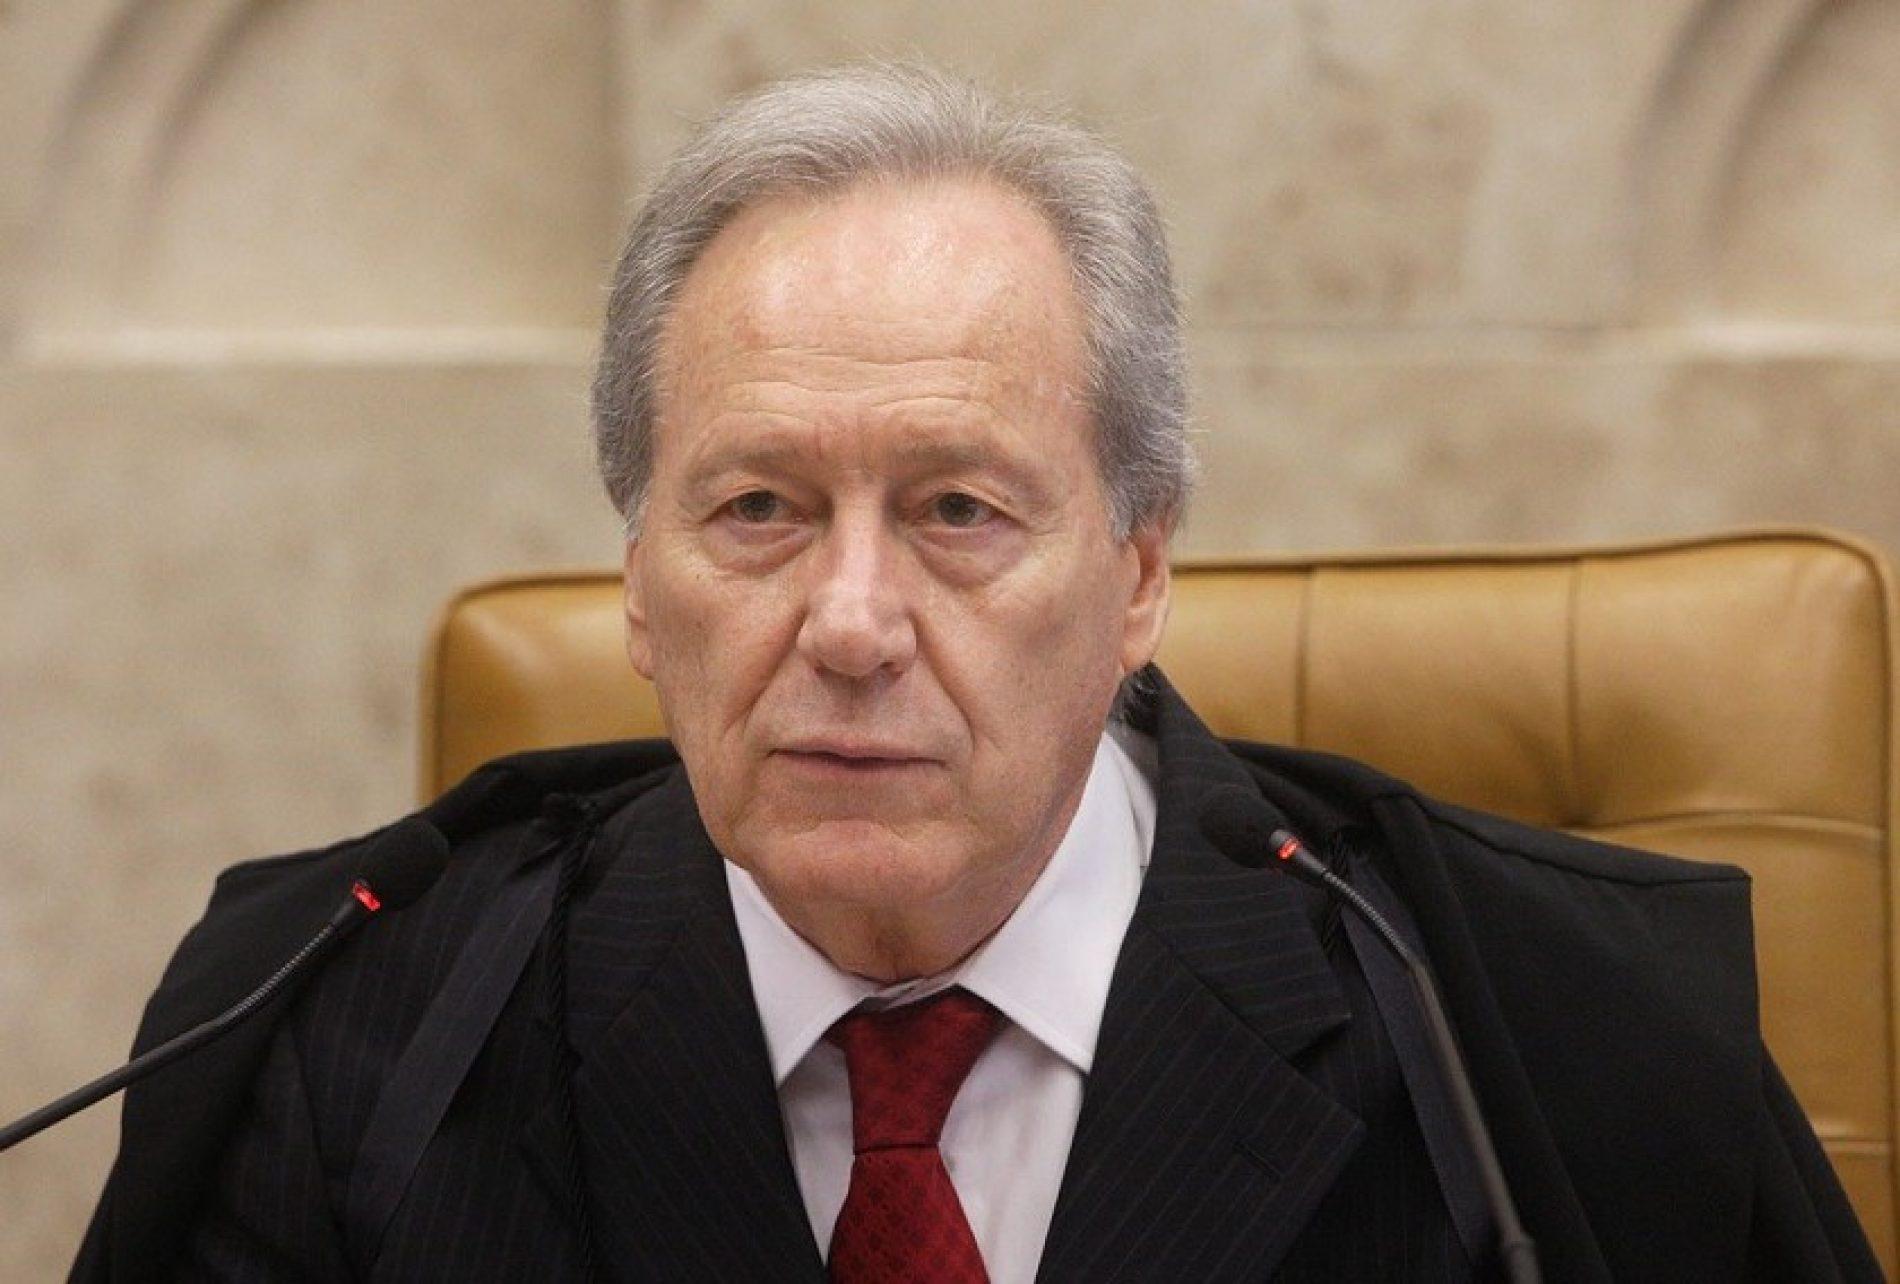 Acordo para compensar perdas da poupança depende de decisão do STF